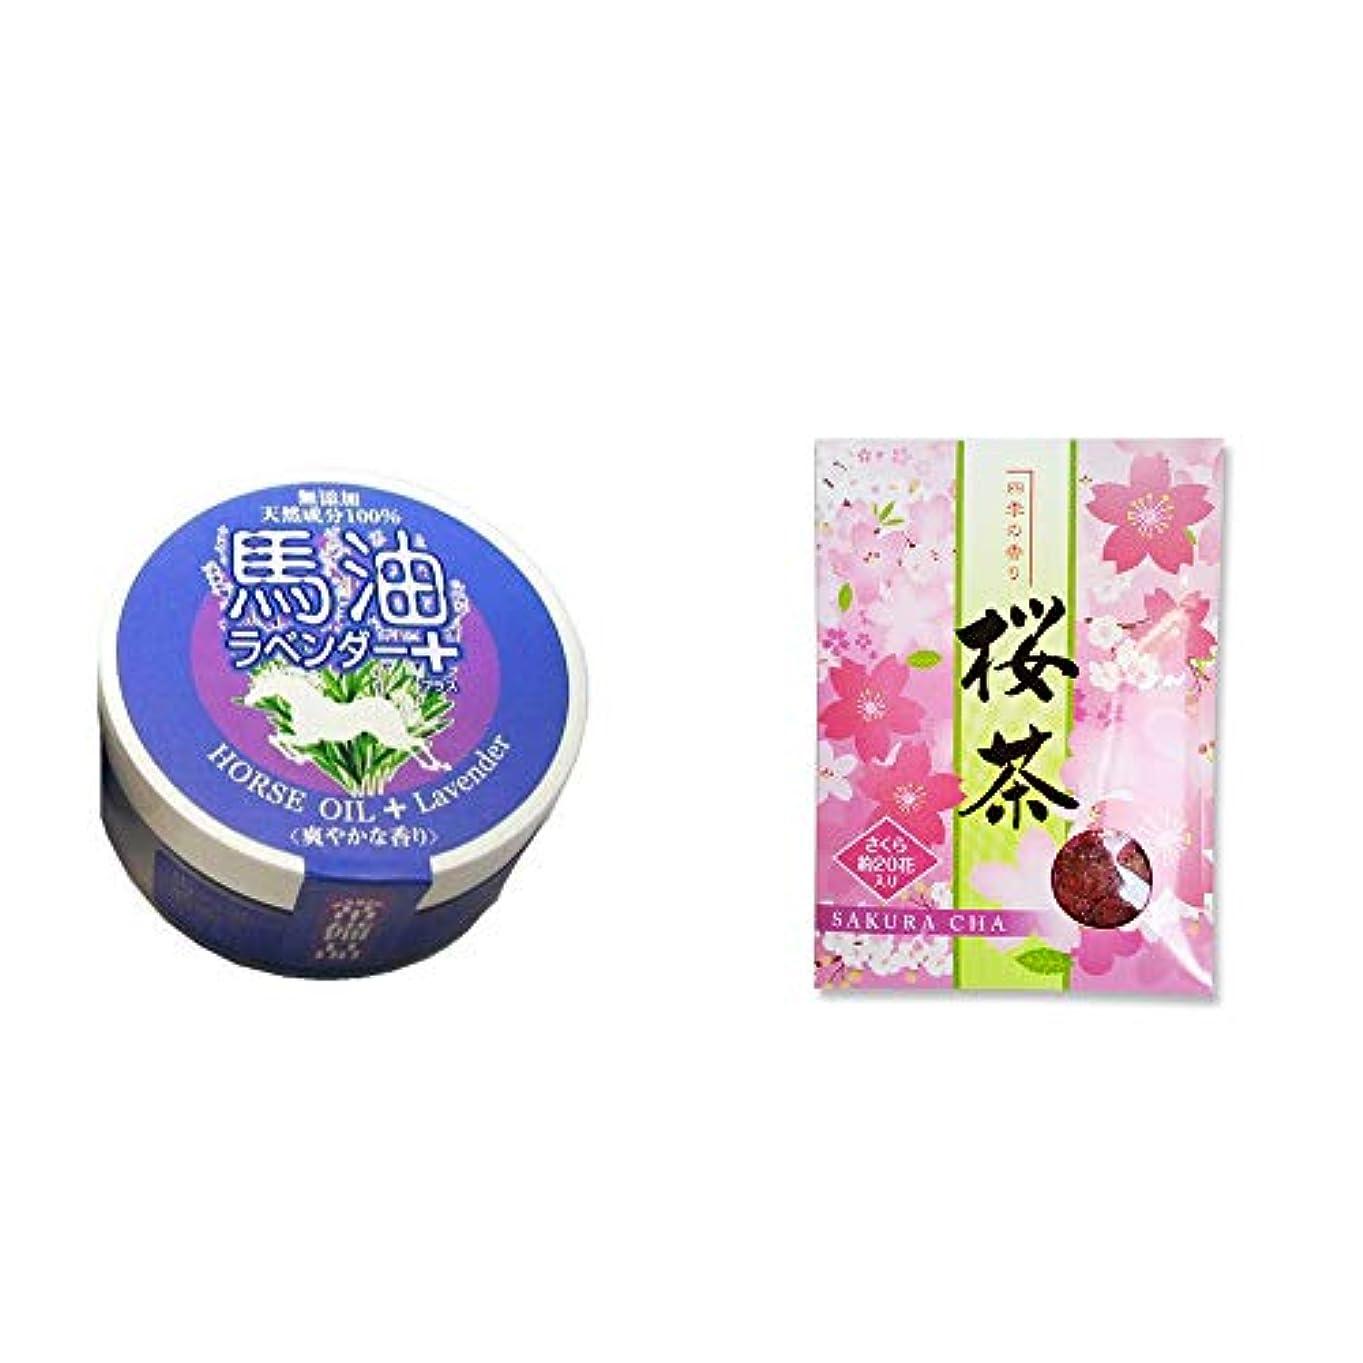 レイア法令立ち寄る[2点セット] 無添加天然成分100% 馬油[ラベンダー](38g)?桜茶(40g)